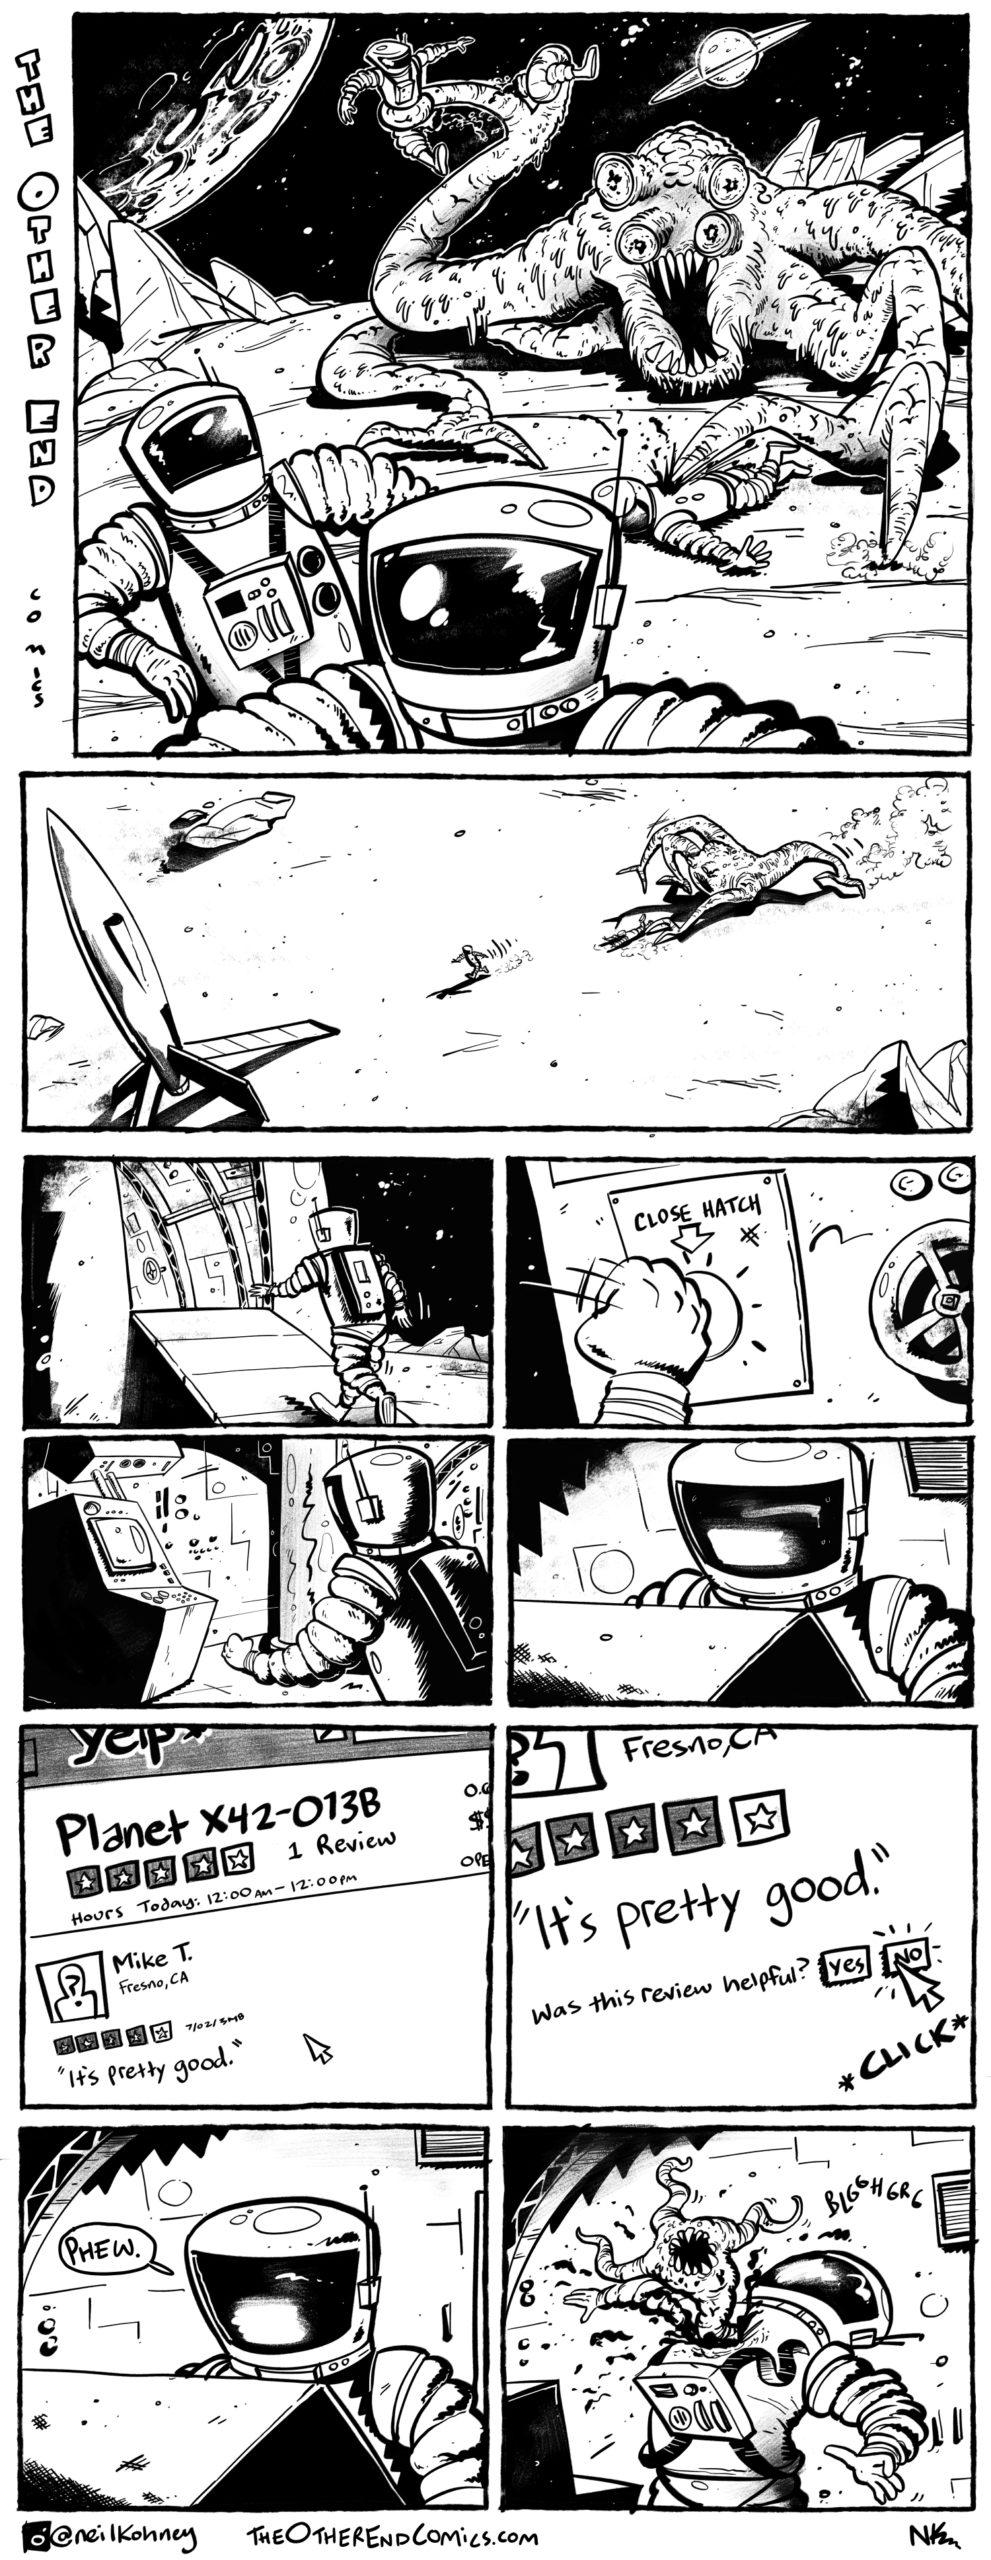 Was this comic helpful? Y or N